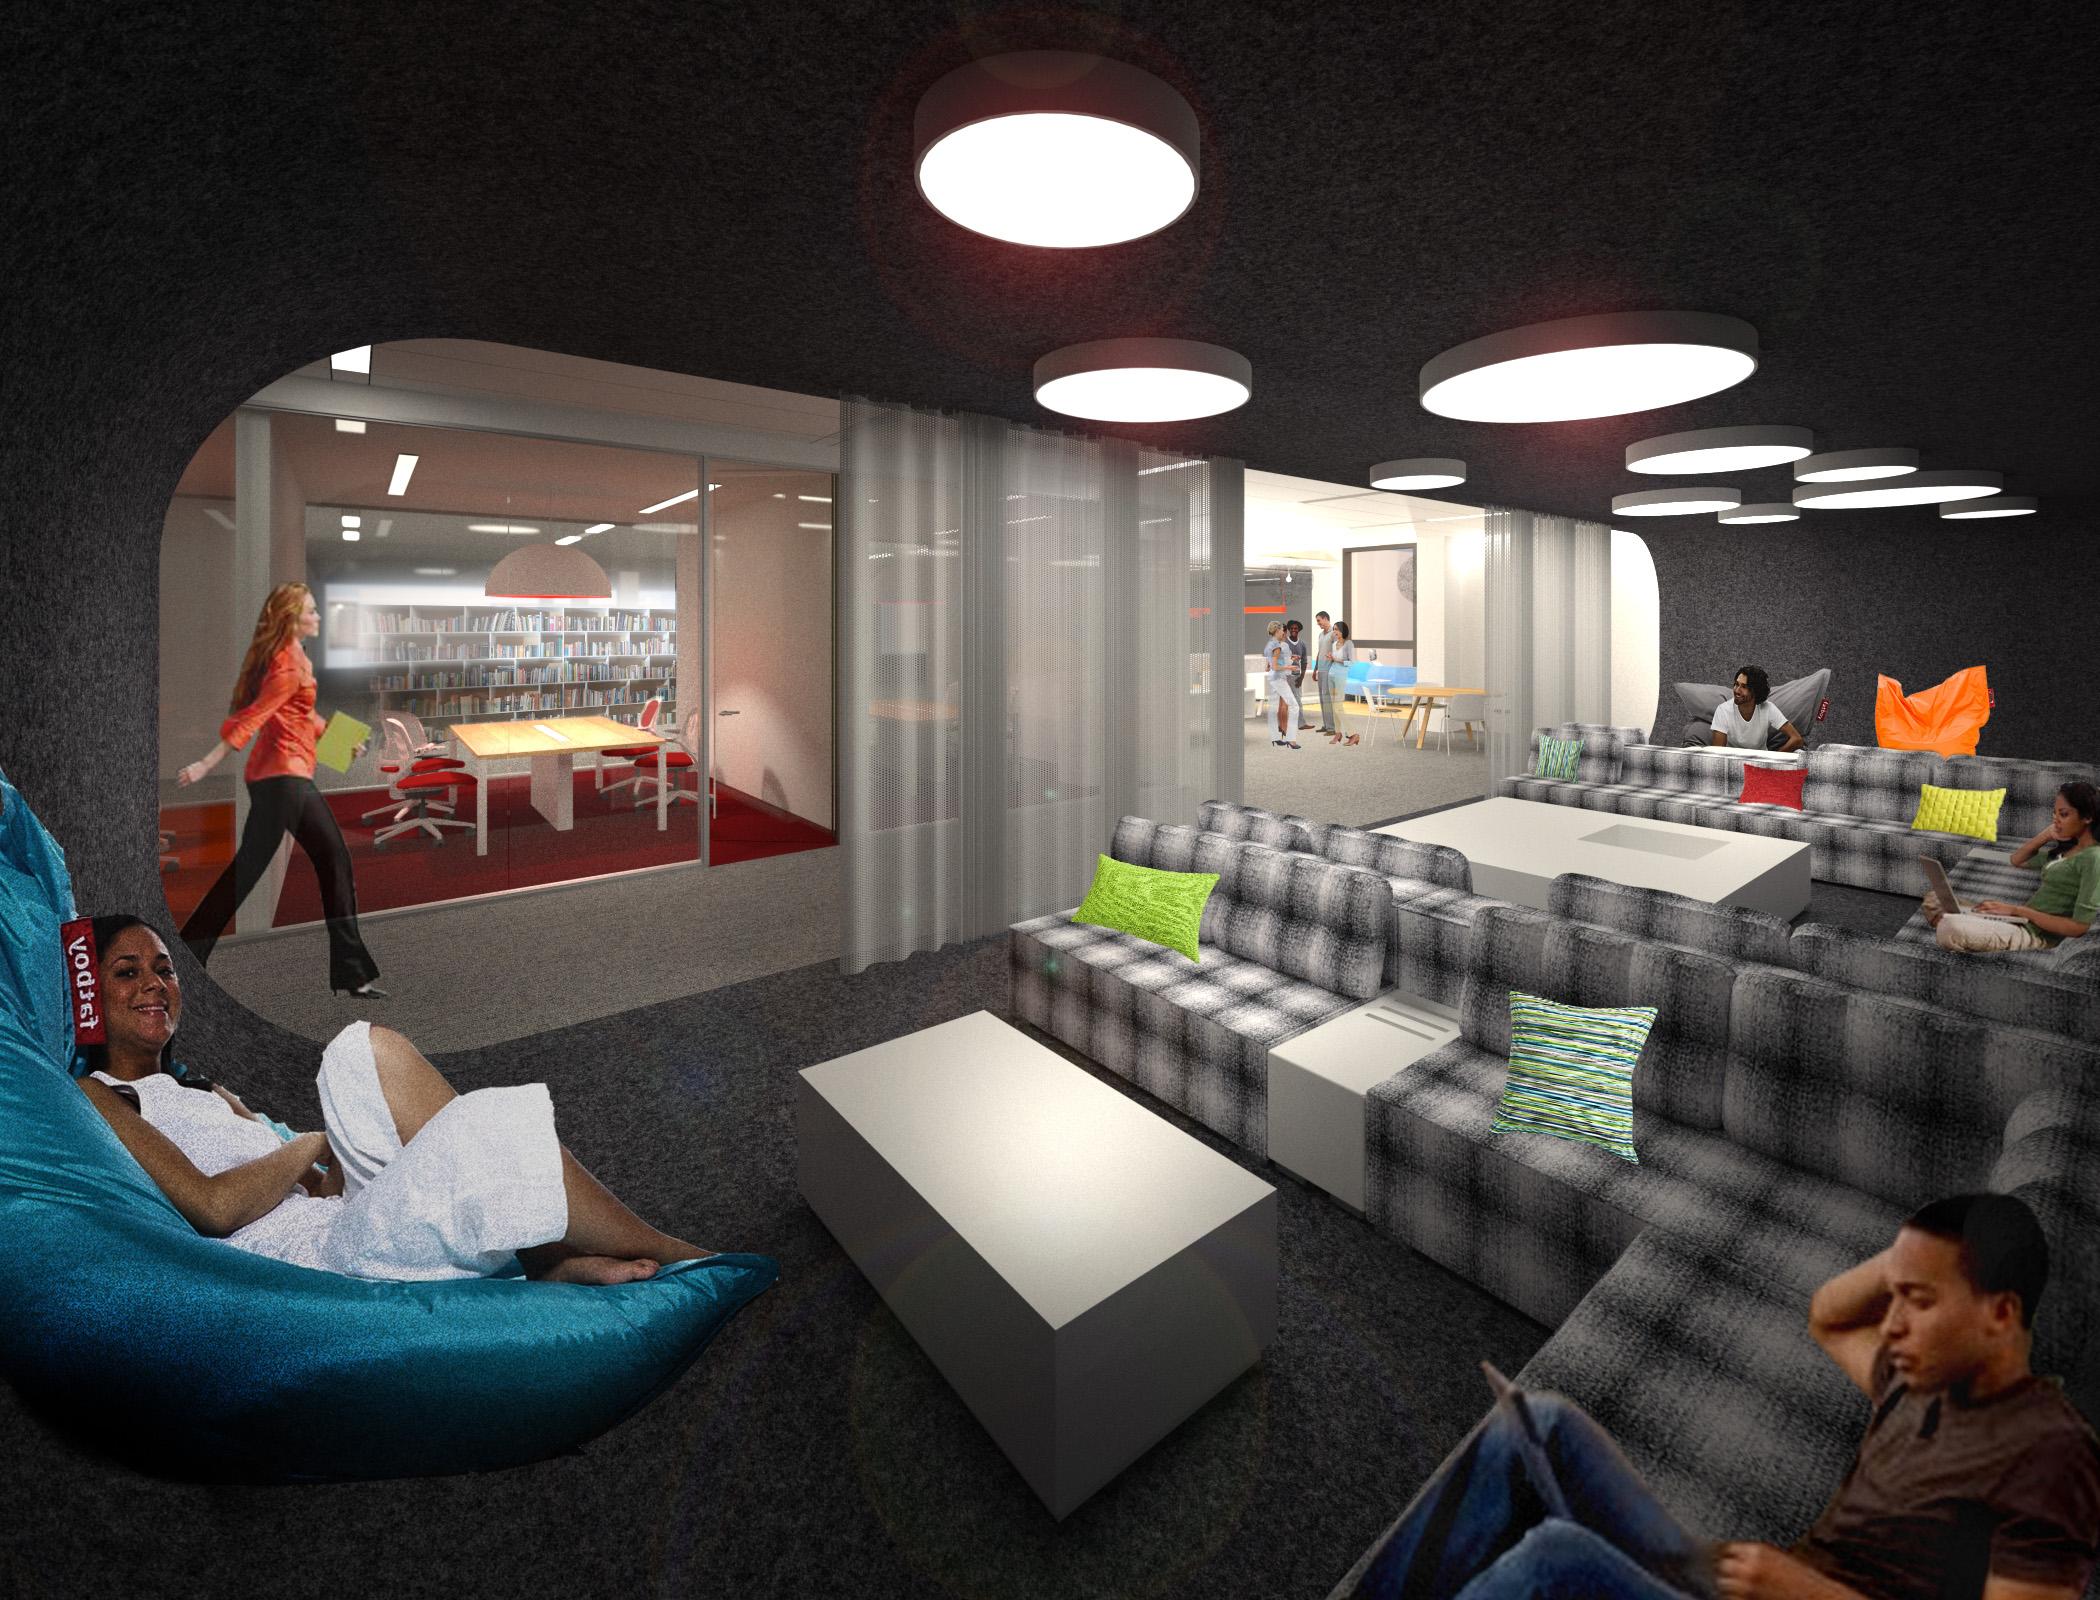 CSU Chico Meriam Library rendering